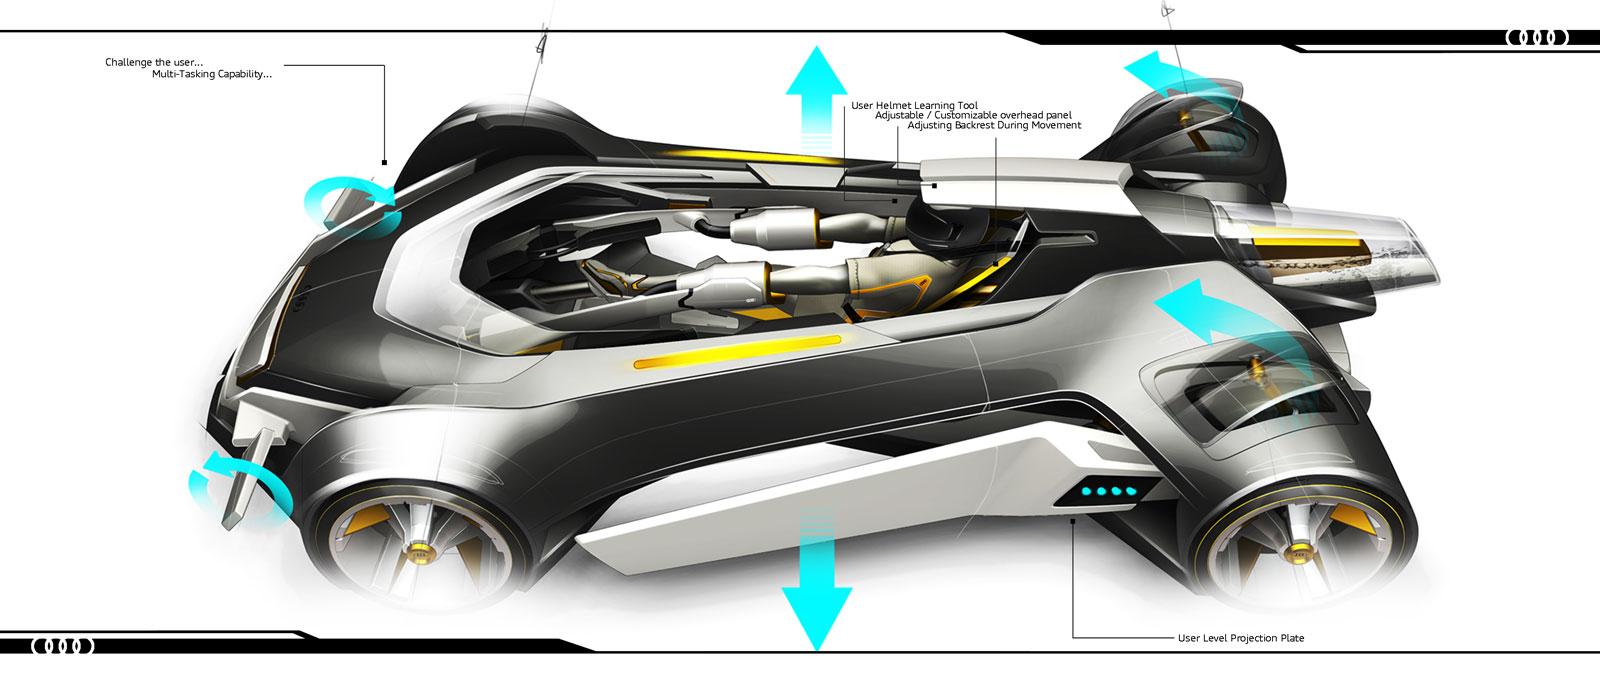 Audi elite concept design panel car body design for Elite design